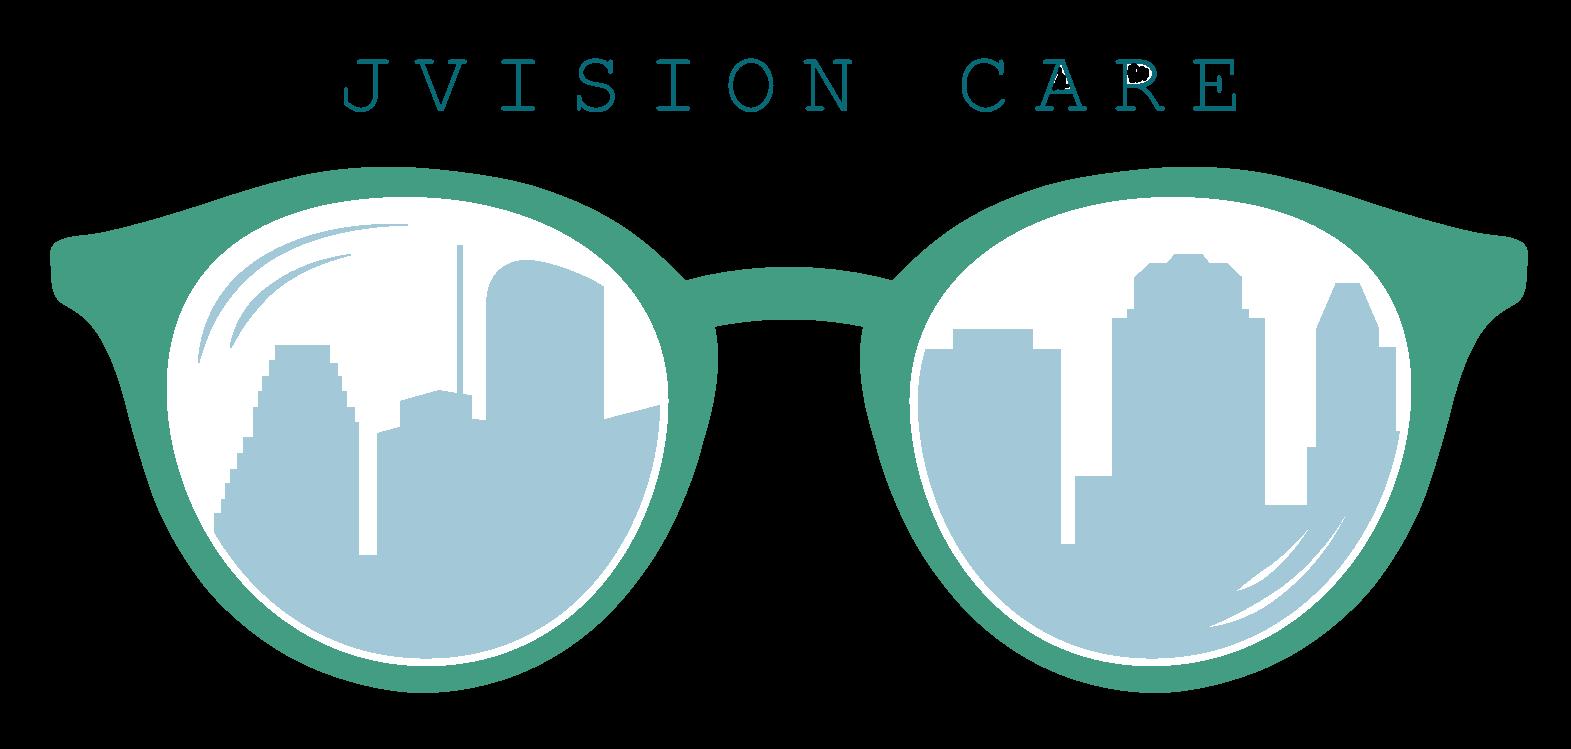 jvisioncare.com